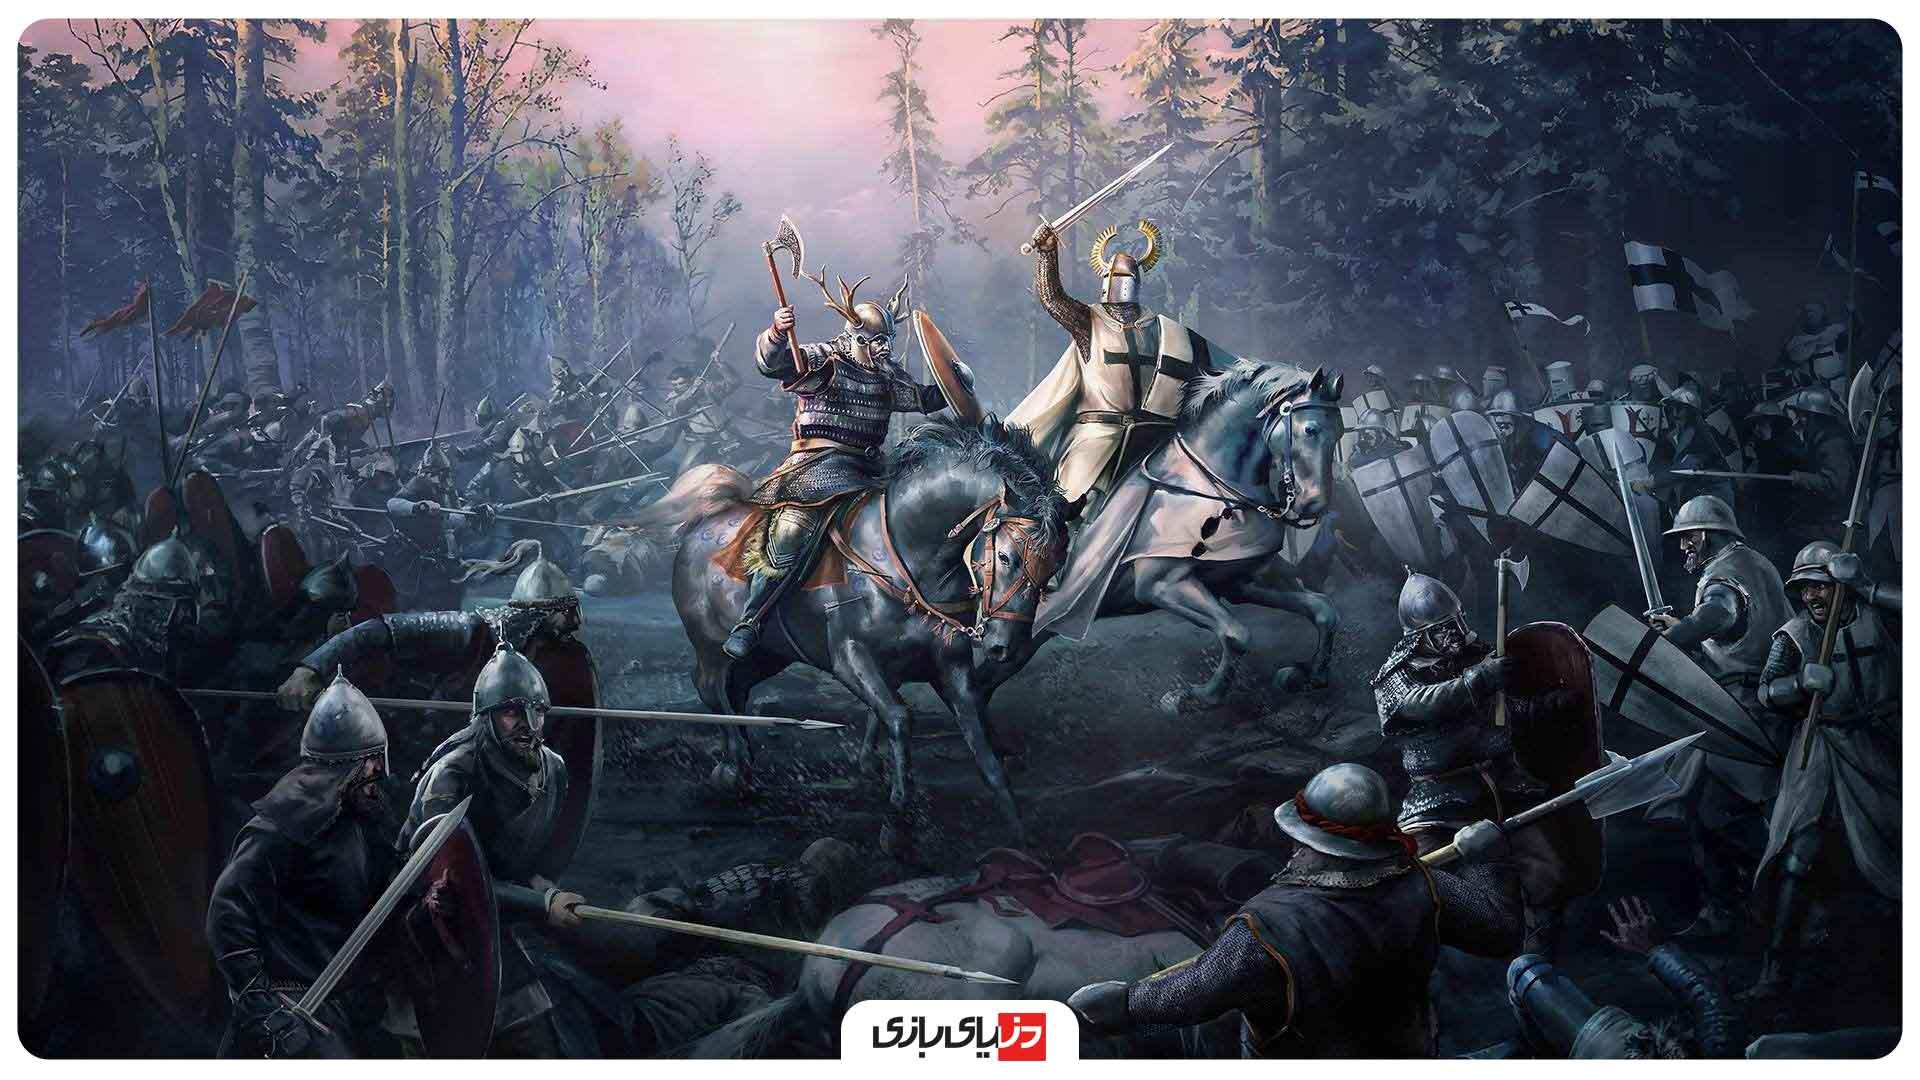 ده برتر - بهترین بازی ها از نظر IGN – بازی Crusader Kings 3